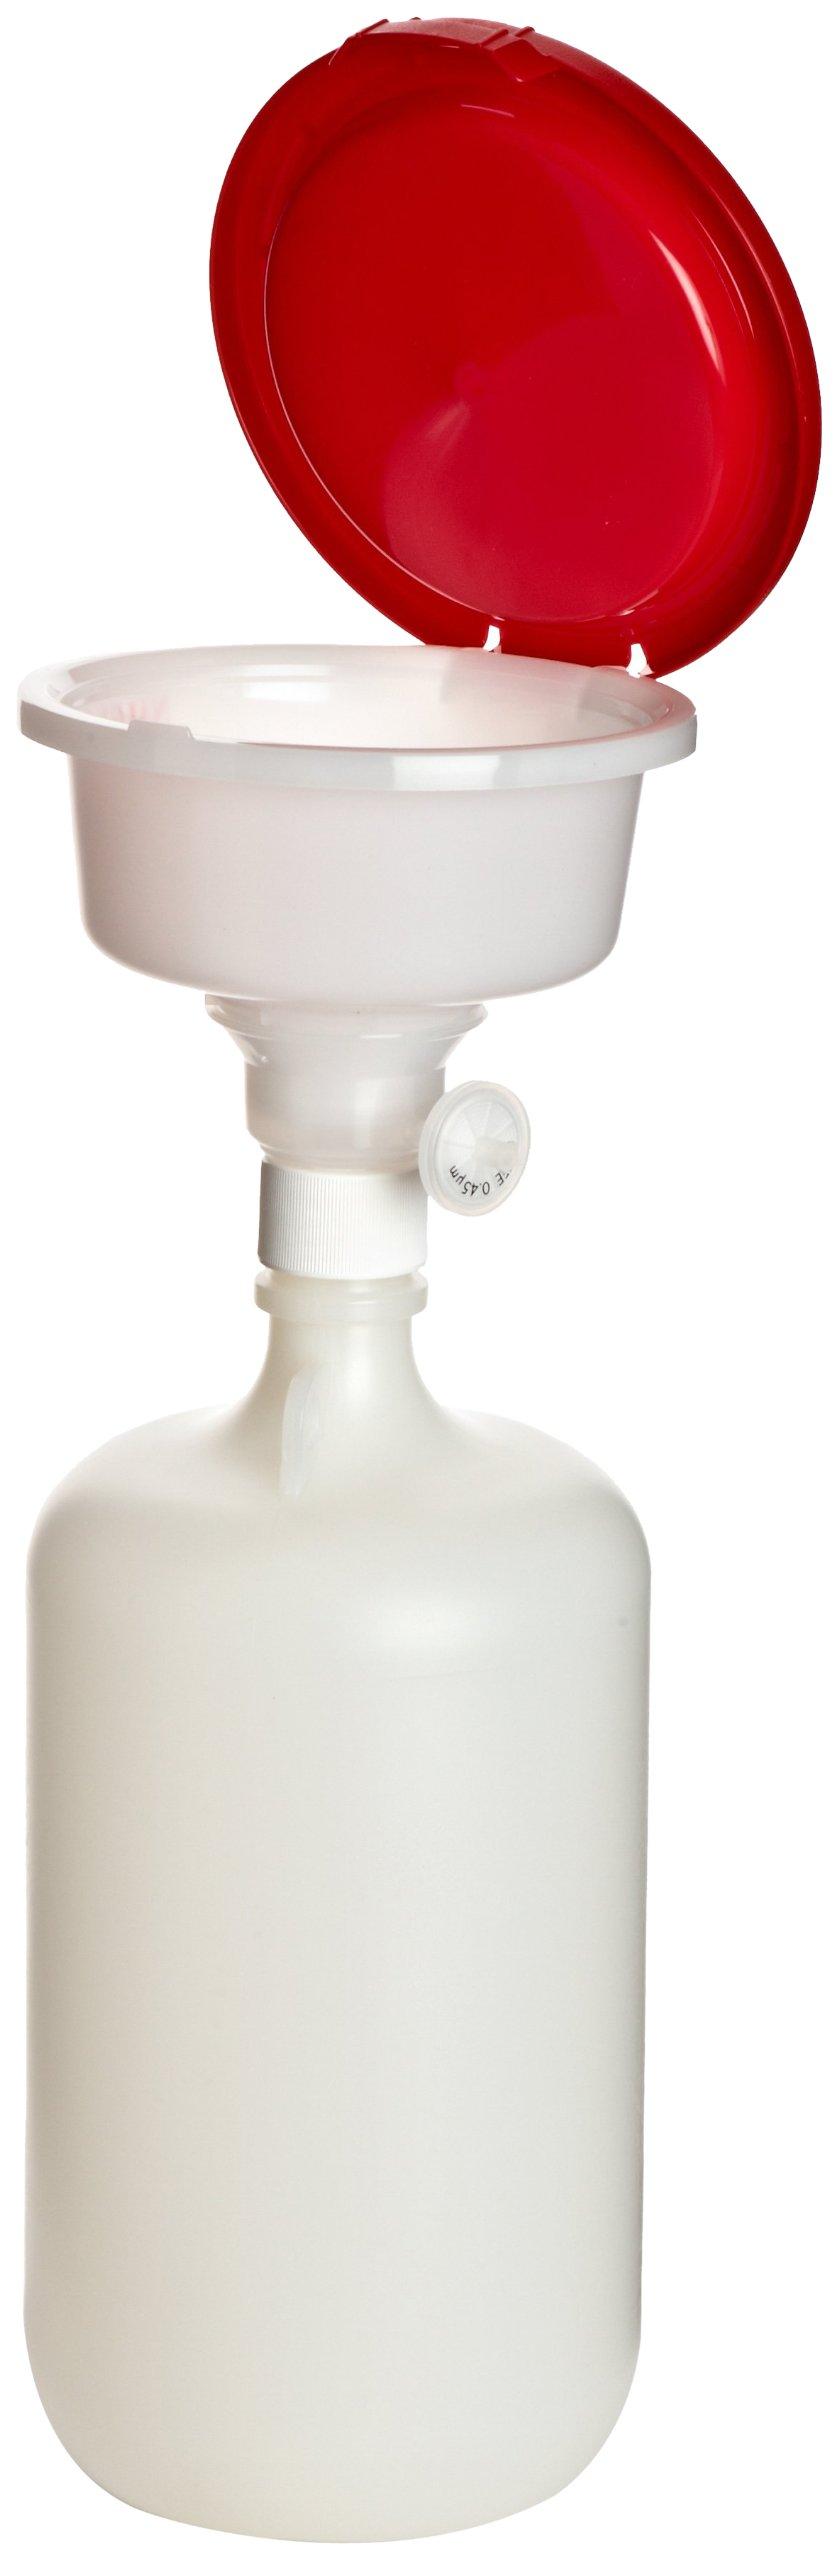 Nalgene 6379-0004 Safety Waste System, 4 Liter